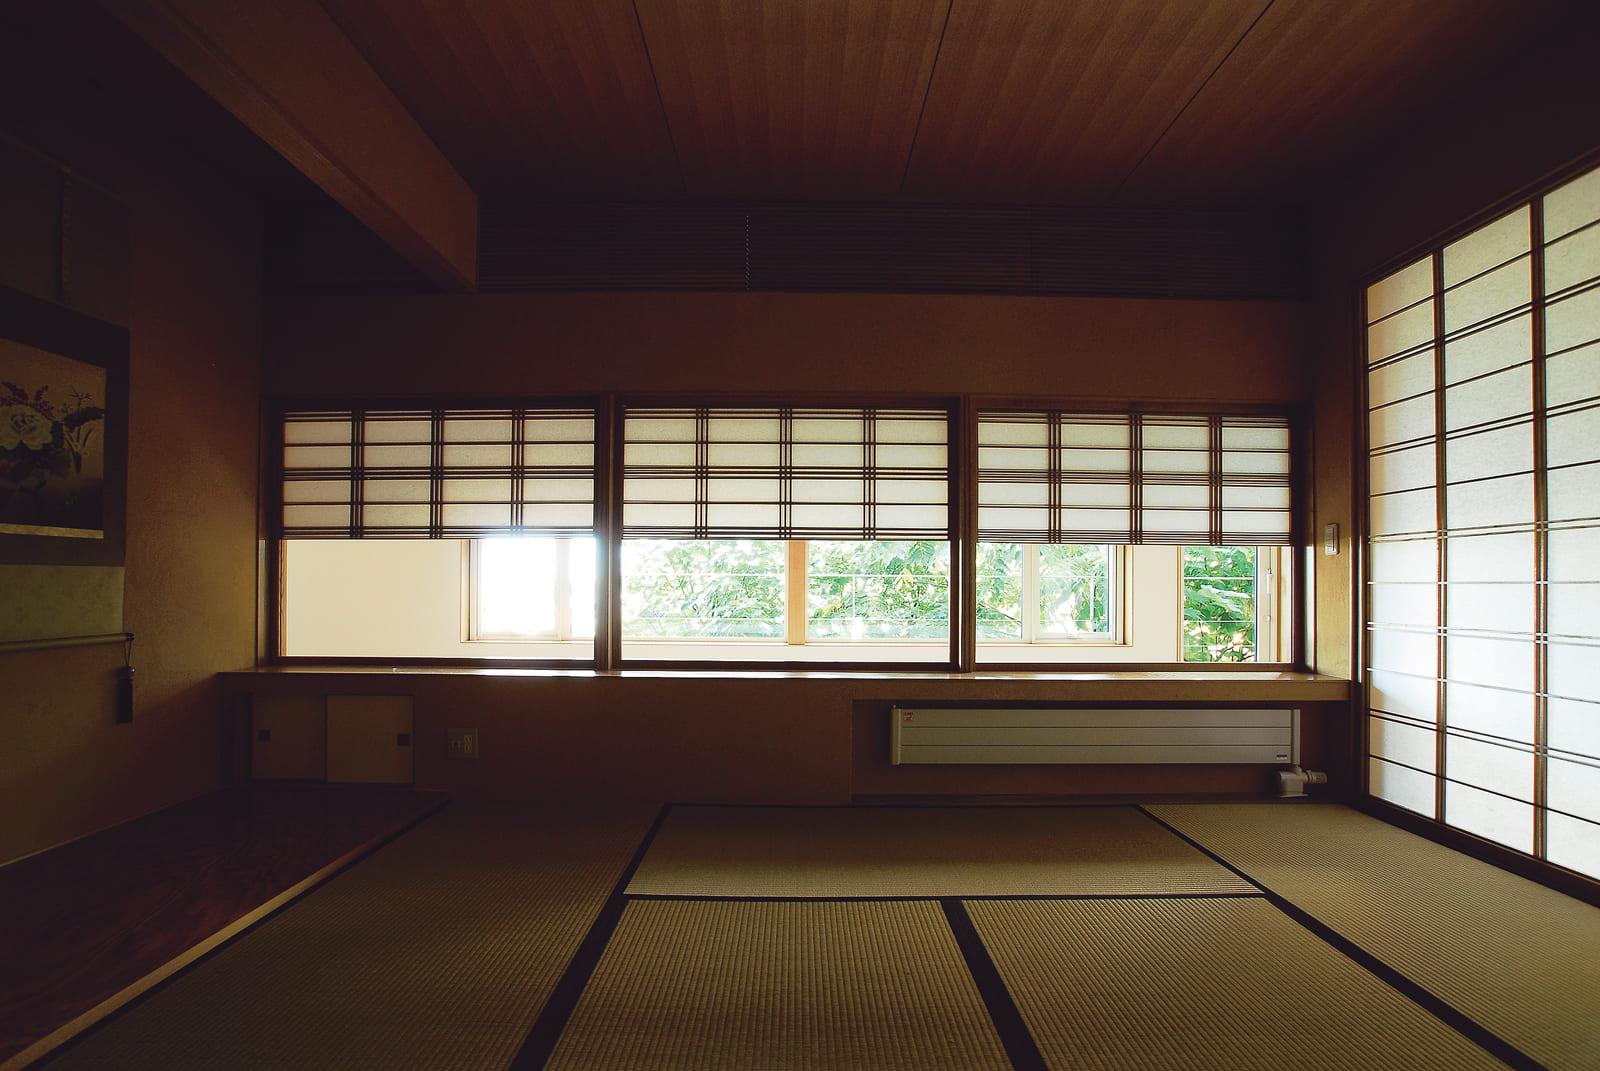 室内への光をあえて制限した和室。障子を閉めれば完全に独立された空間になる